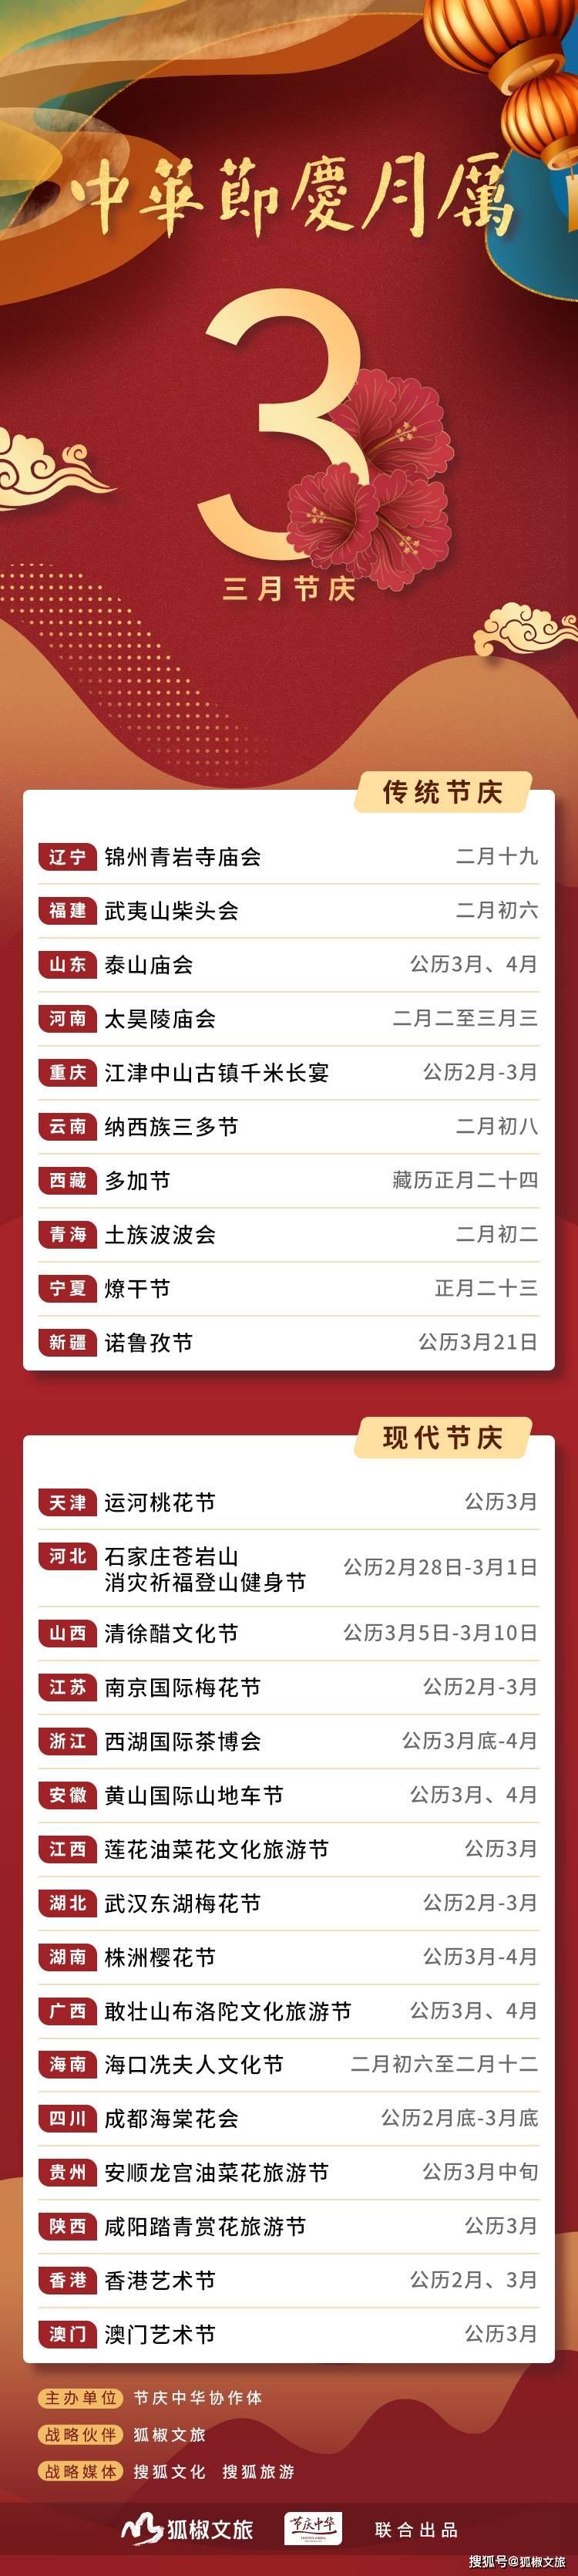 中华节庆月历|3月节庆:山东泰山庙会 天津运河桃花节等你来!